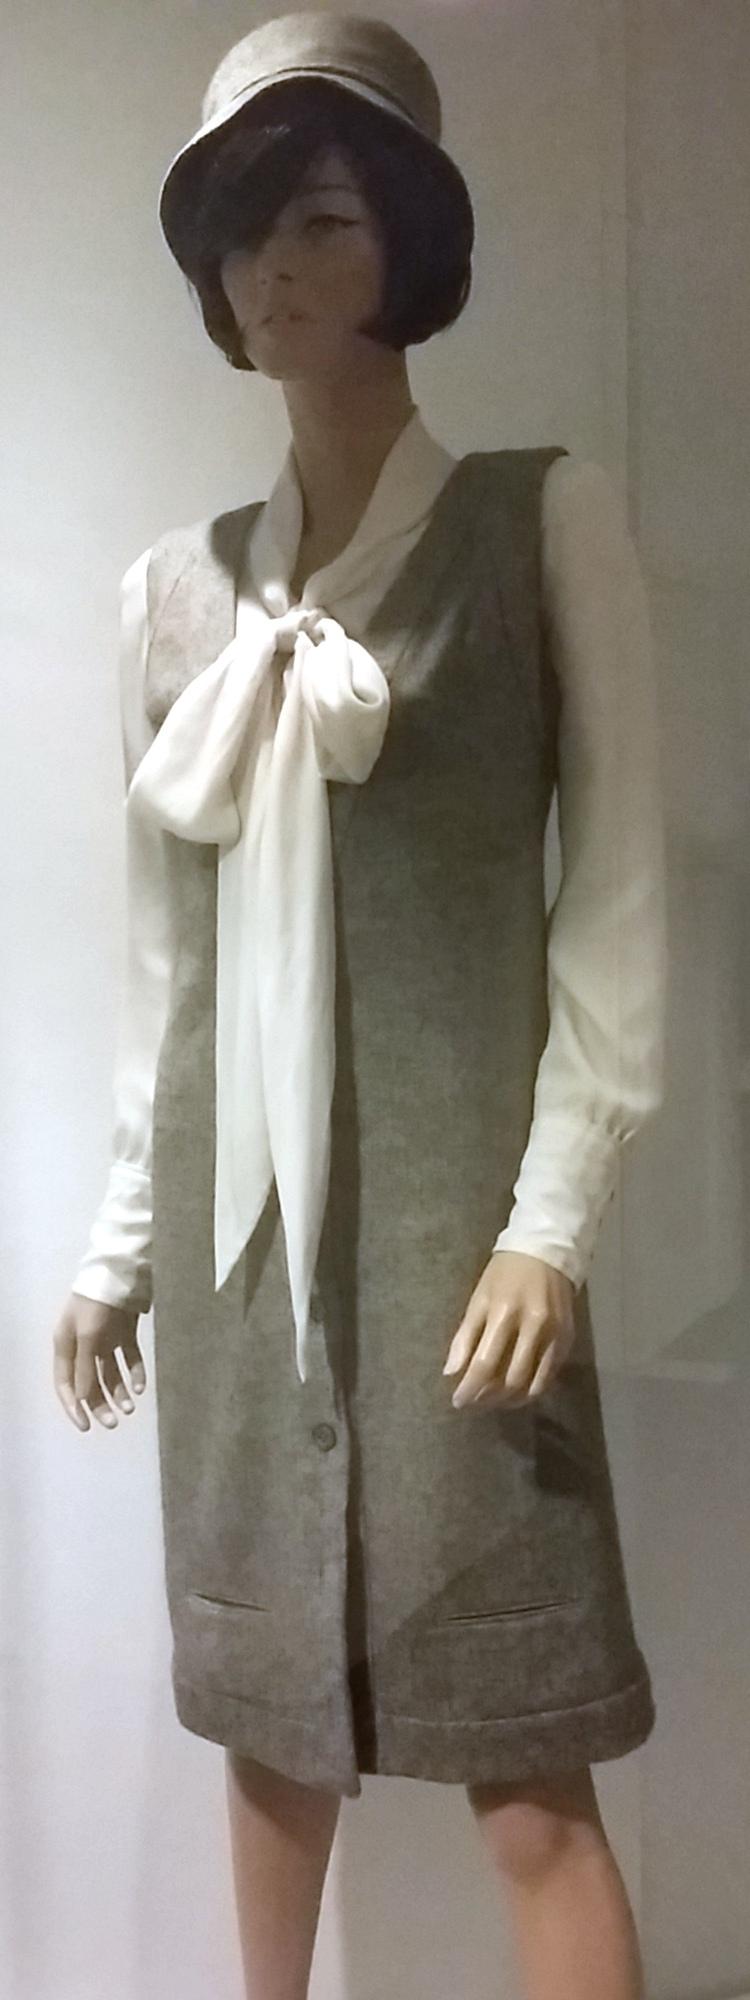 Cette robe remporta en 1963 le tout premier prix de la robe qui représente le mieux les nouvelles idées de la mode contemporaine par le Fashion Museum de Bath.